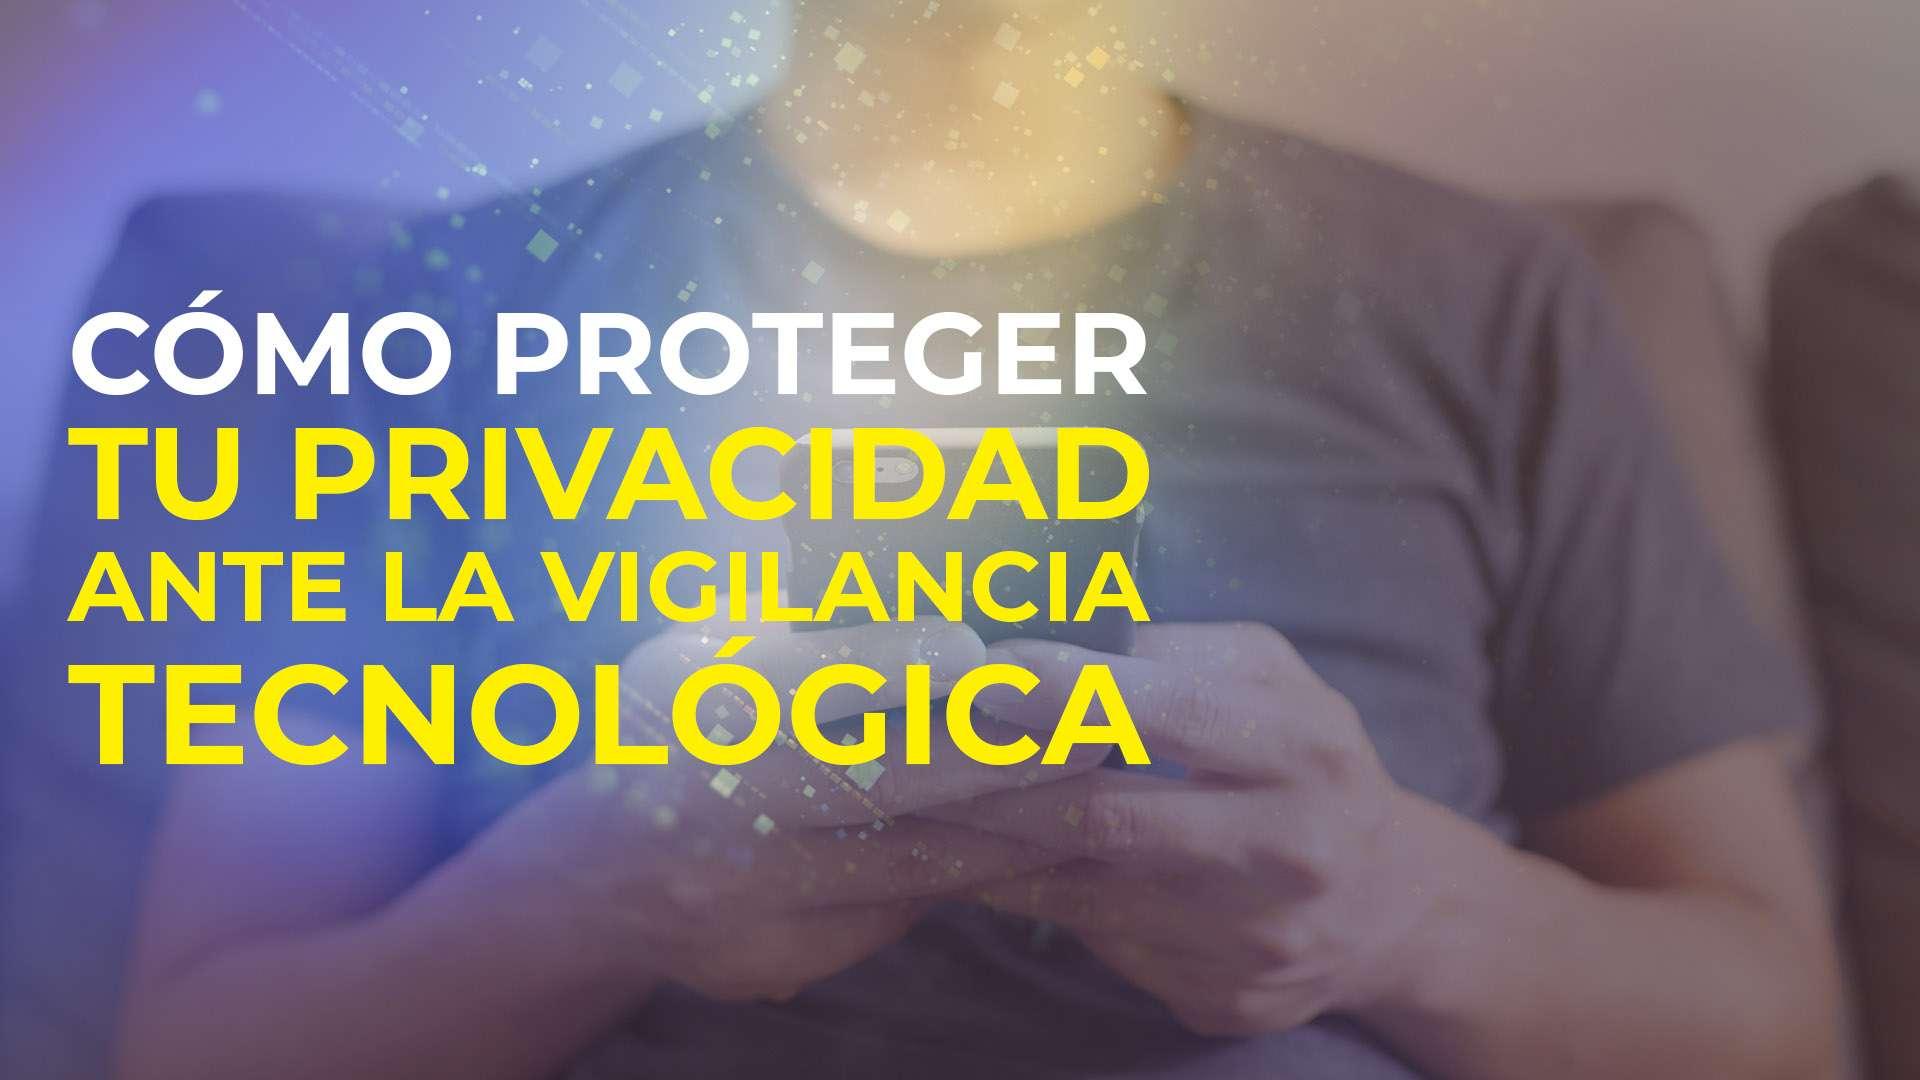 Cómo Proteger tu Privacidad